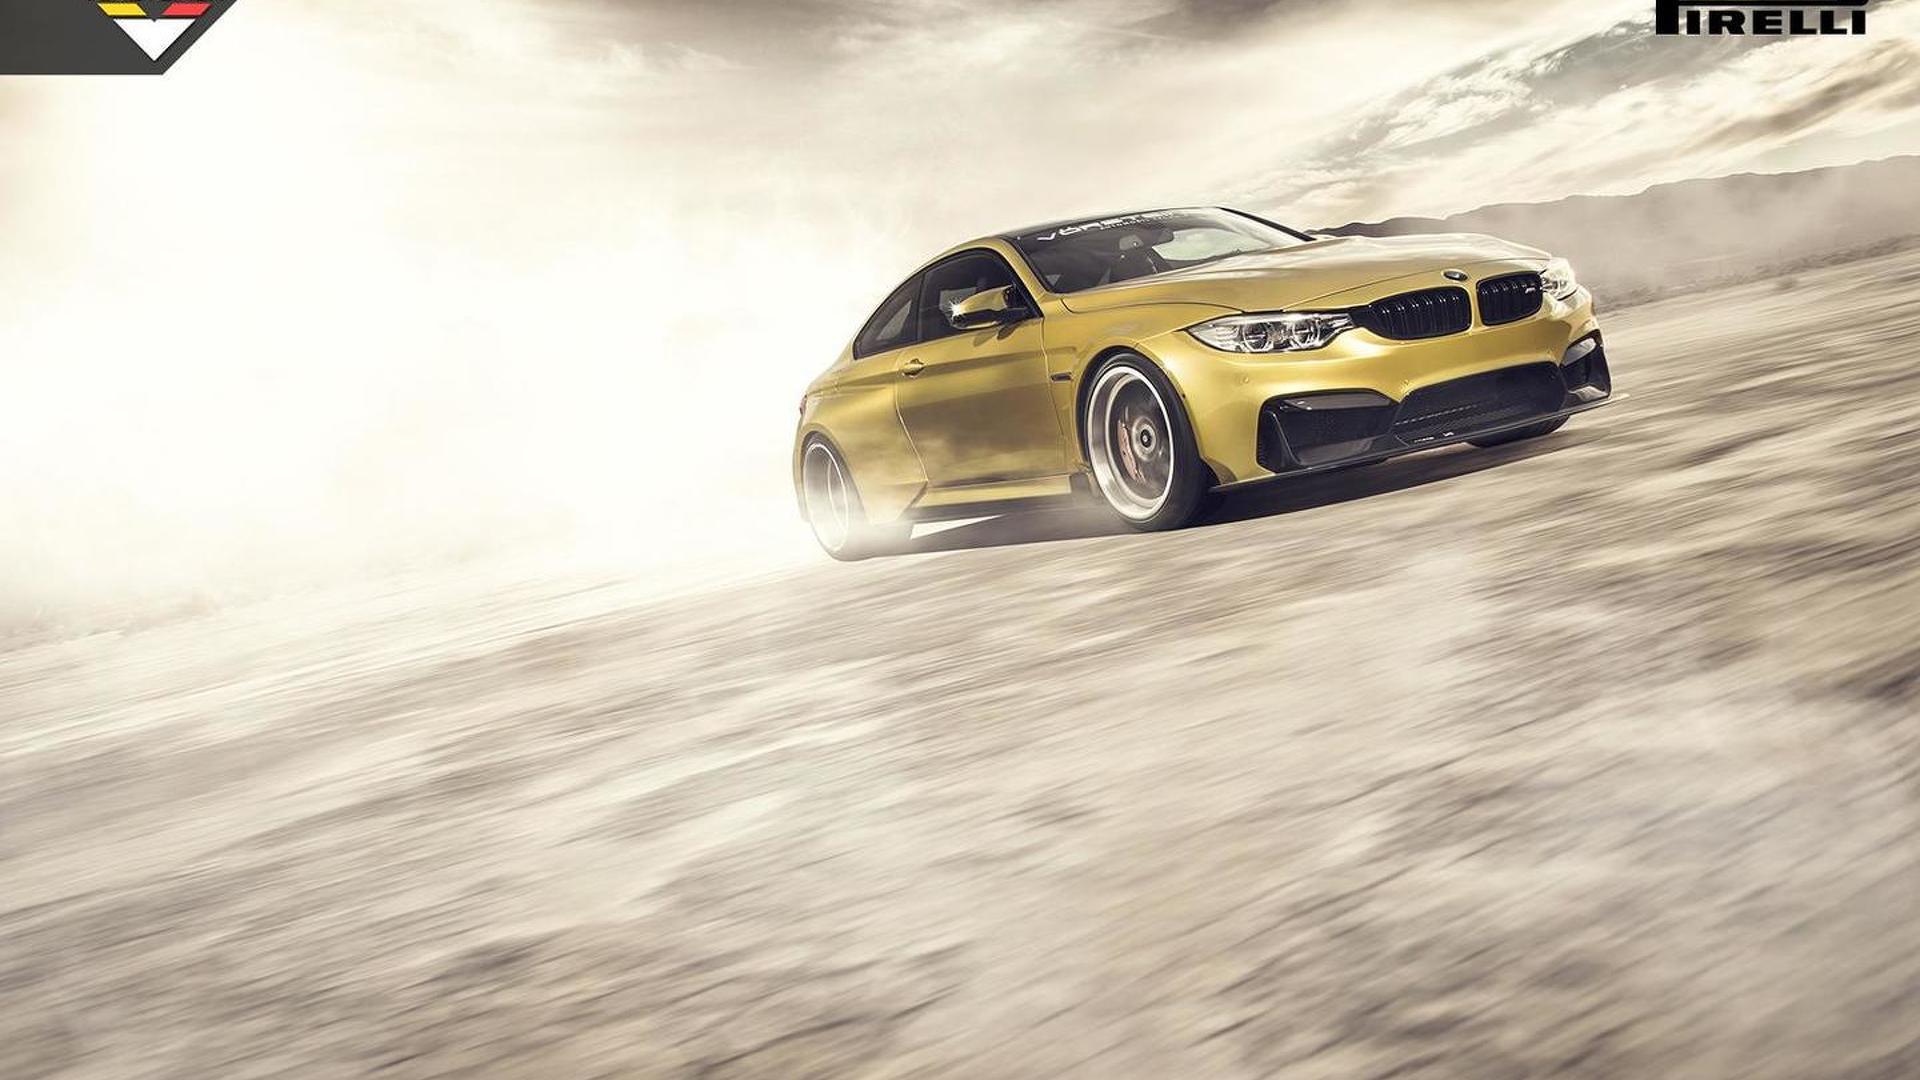 Vorsteiner shows off their BMW M4 GTRS